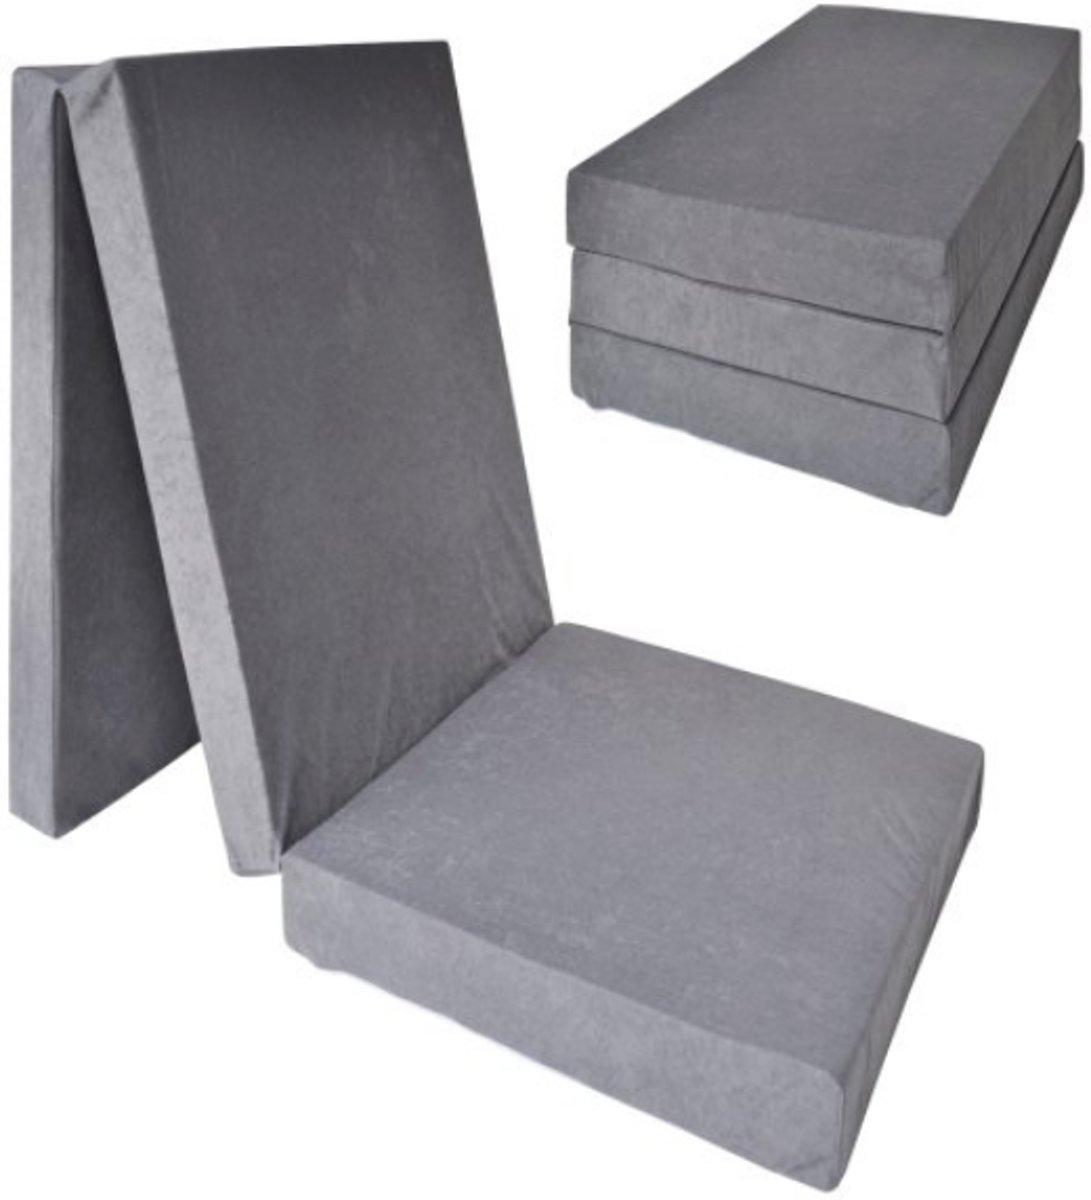 Logeermatras extra dik - grijs - camping matras - reismatras - opvouwbaar matras - 195 x 70 x 15